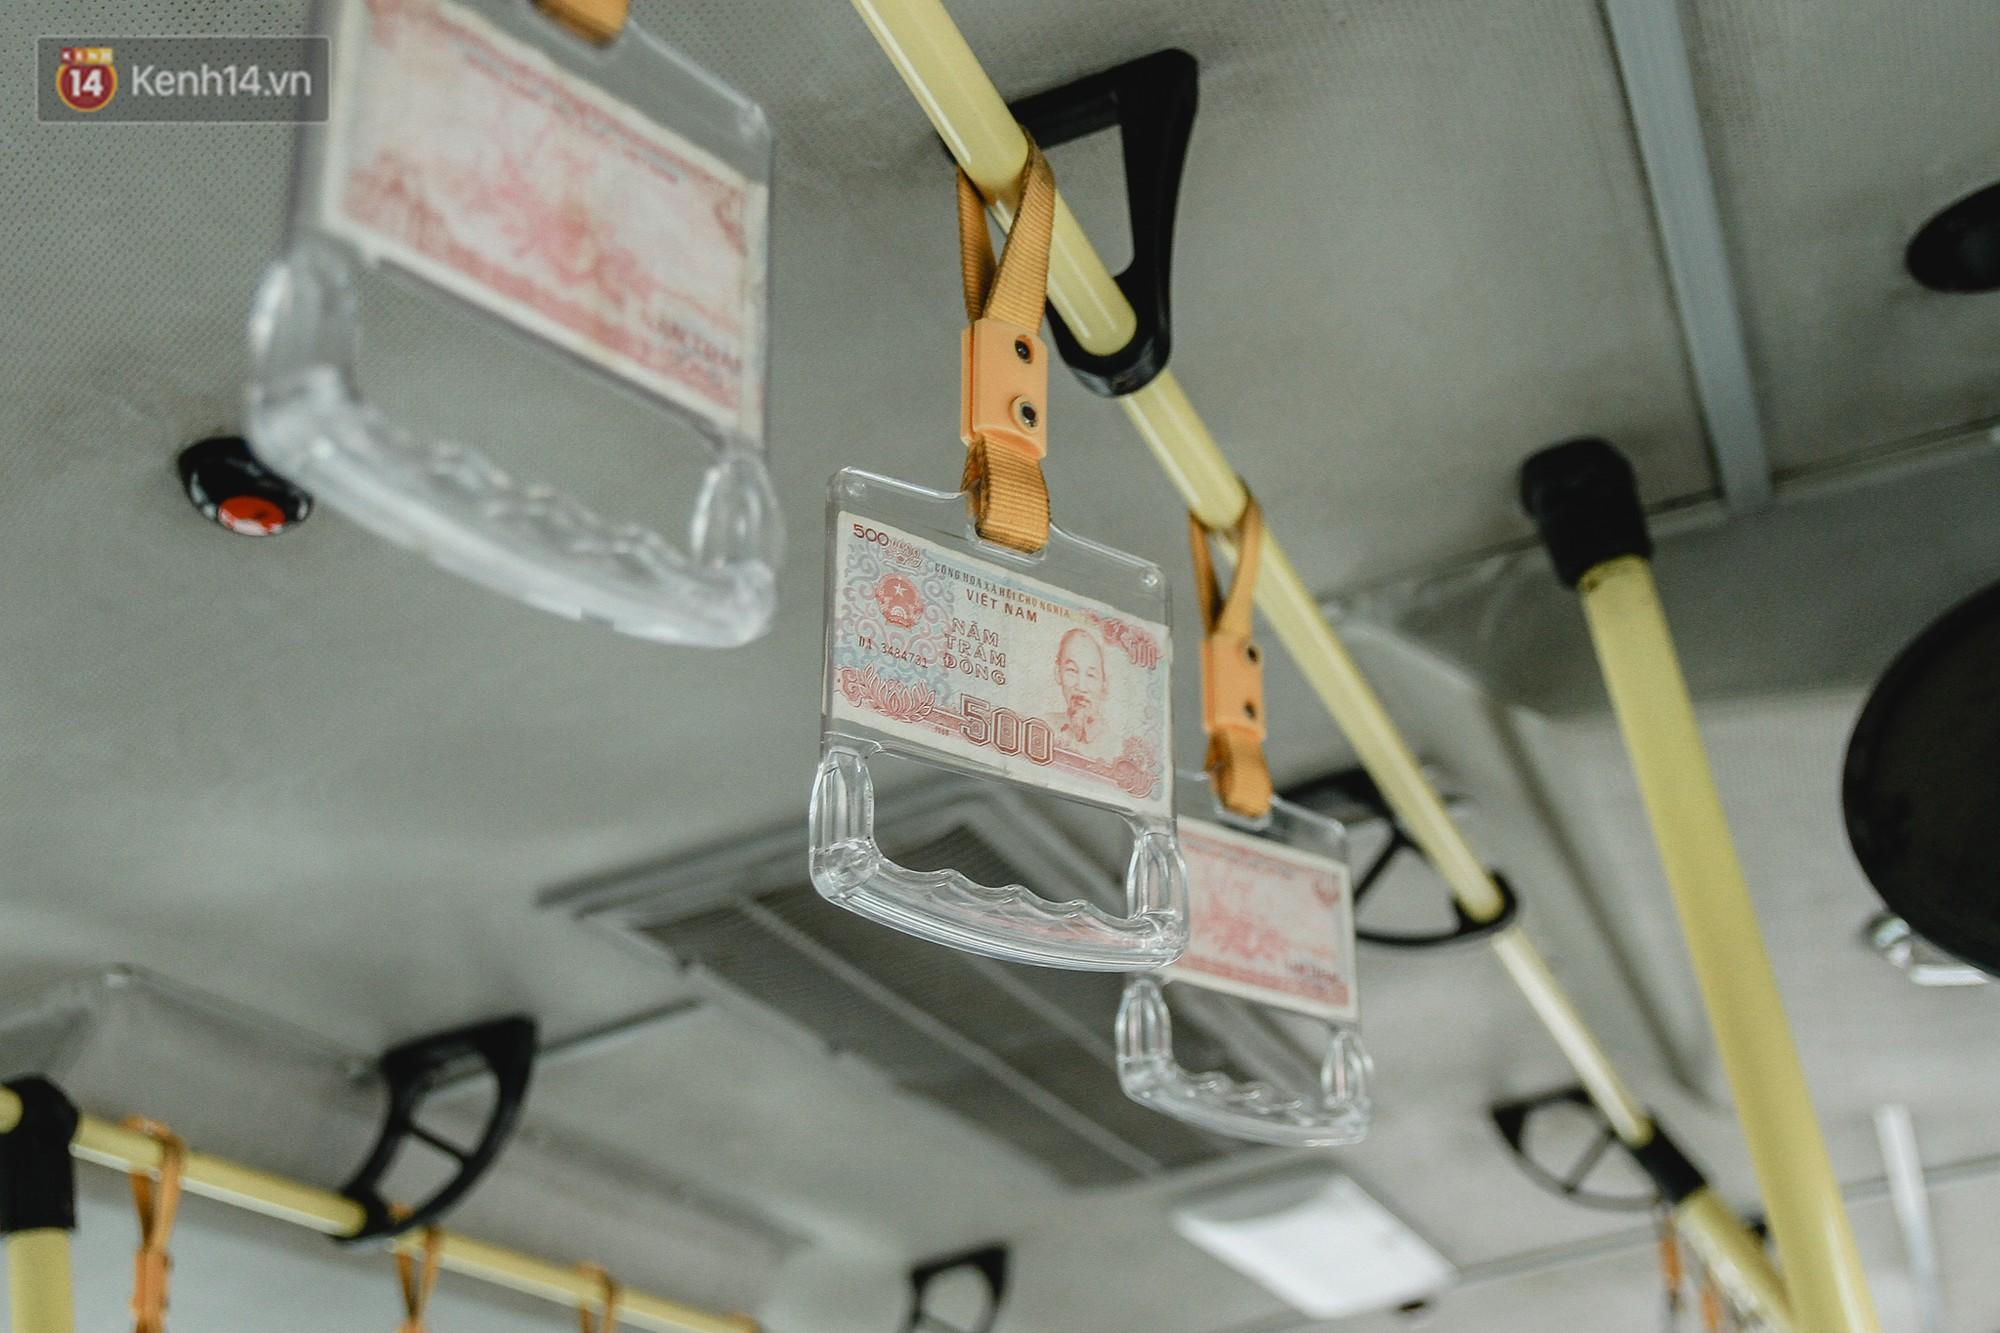 Chuyến xe bus siêu độc đáo ở Hà Nội - treo đỏ chót những tờ 500, 1000 đồng khắp xe 8